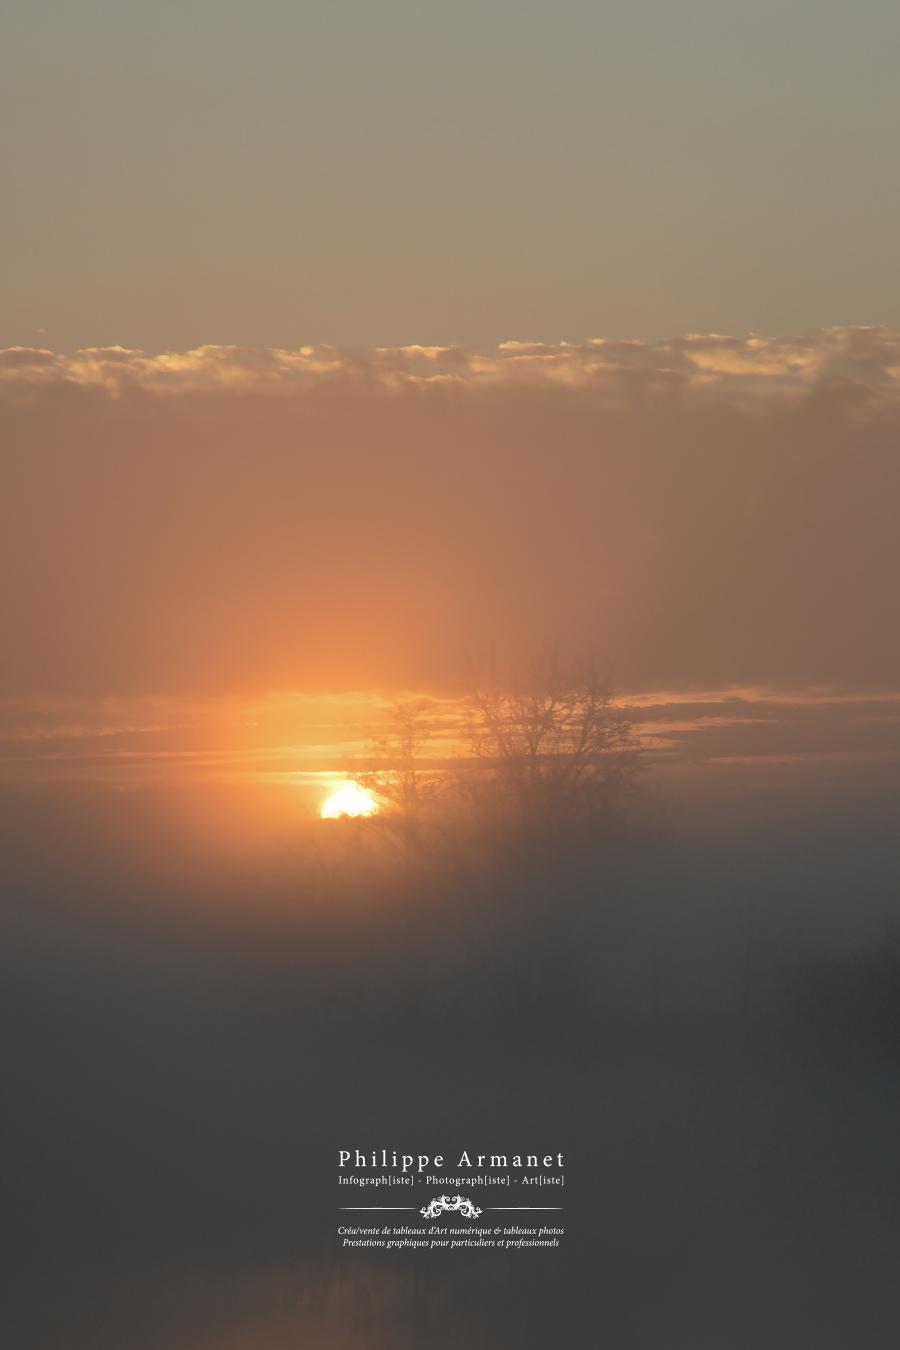 Photographie d'un lever de soleil. Photo à tirage limité et numérotée.